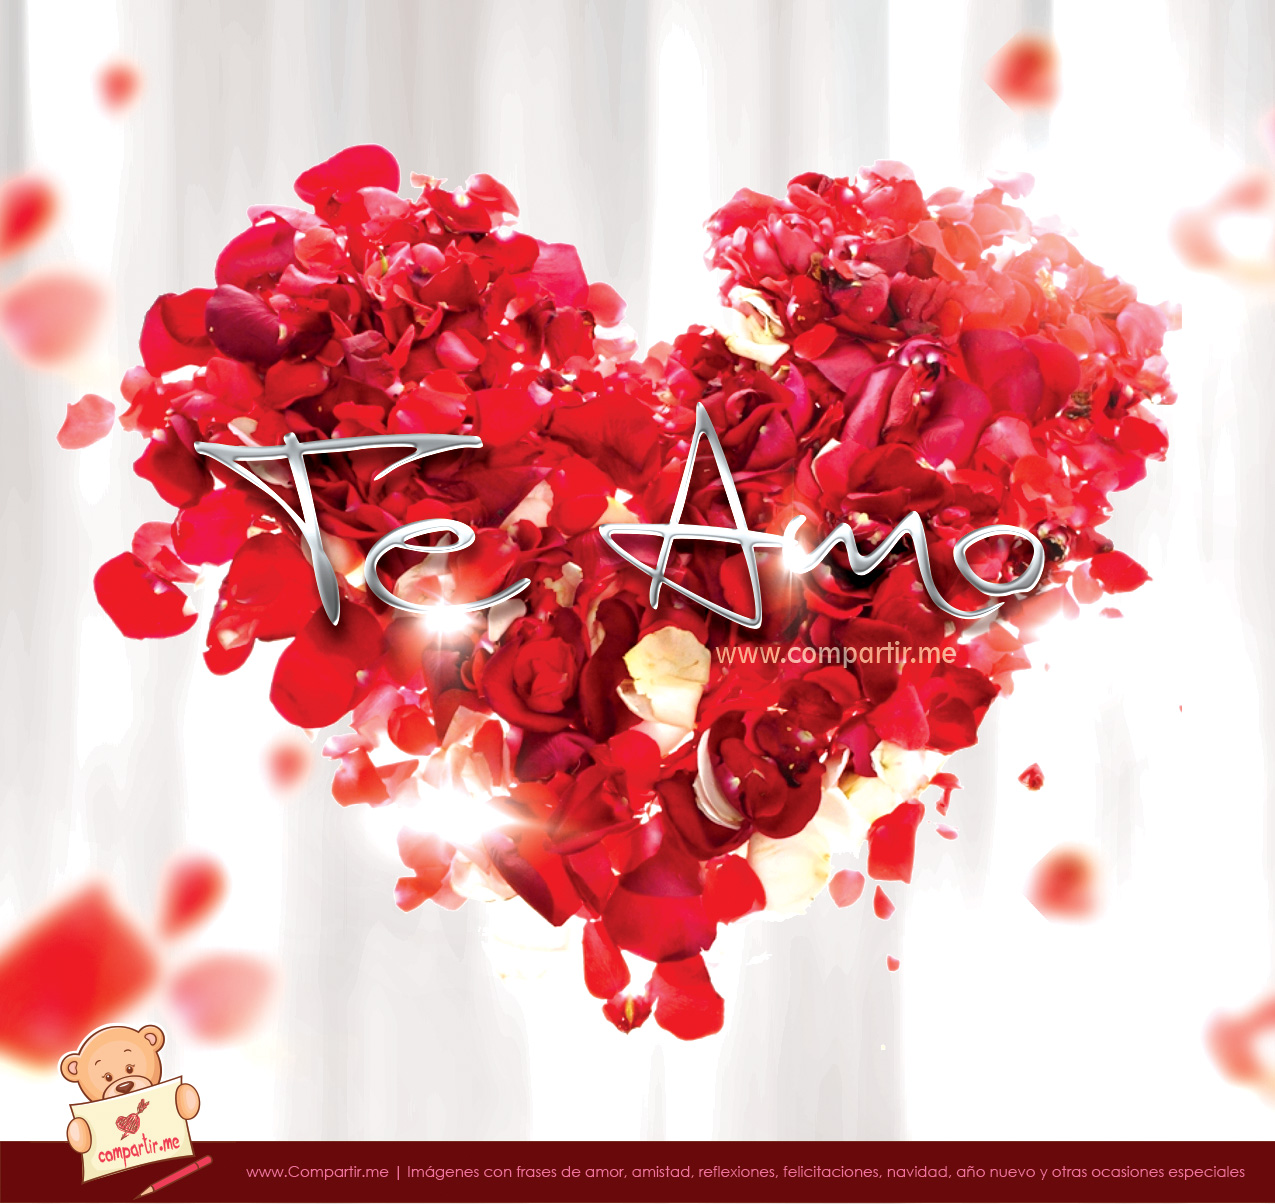 Frases y pensamientos de amor con imagenes bonitas de